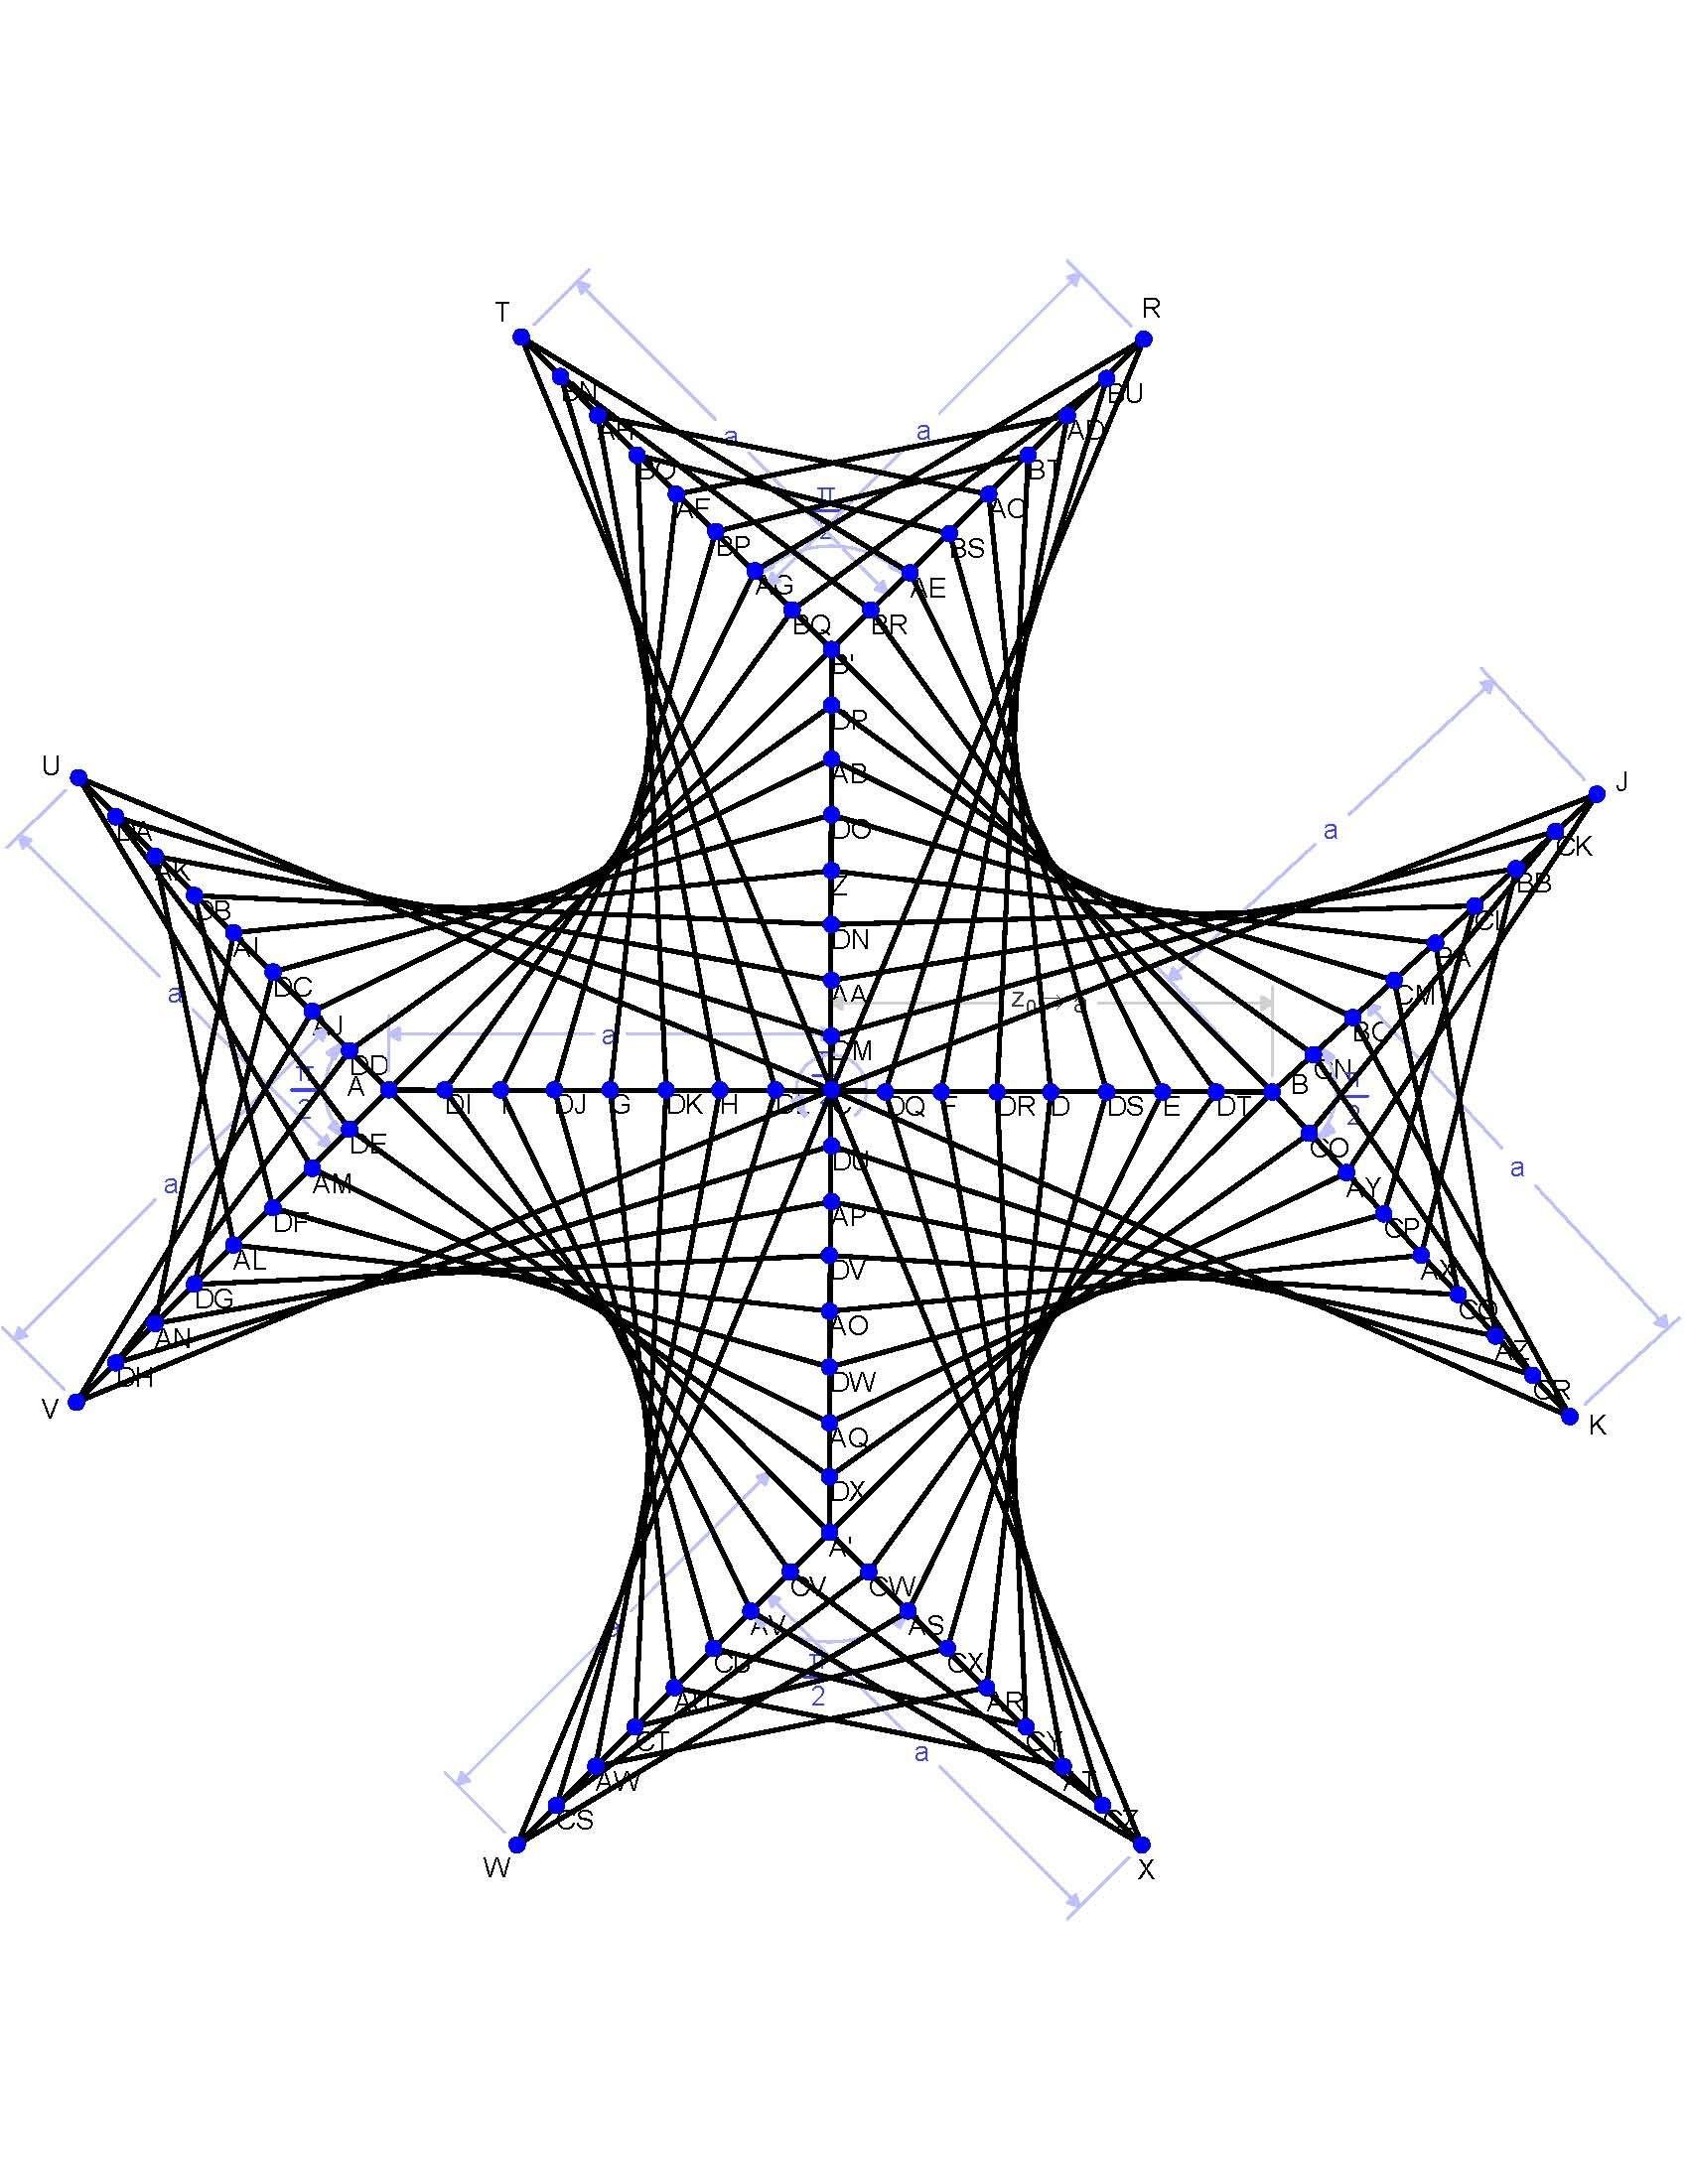 Free Printable String Art Patterns   String Art   Cards To Inspire - Free Printable String Art Patterns